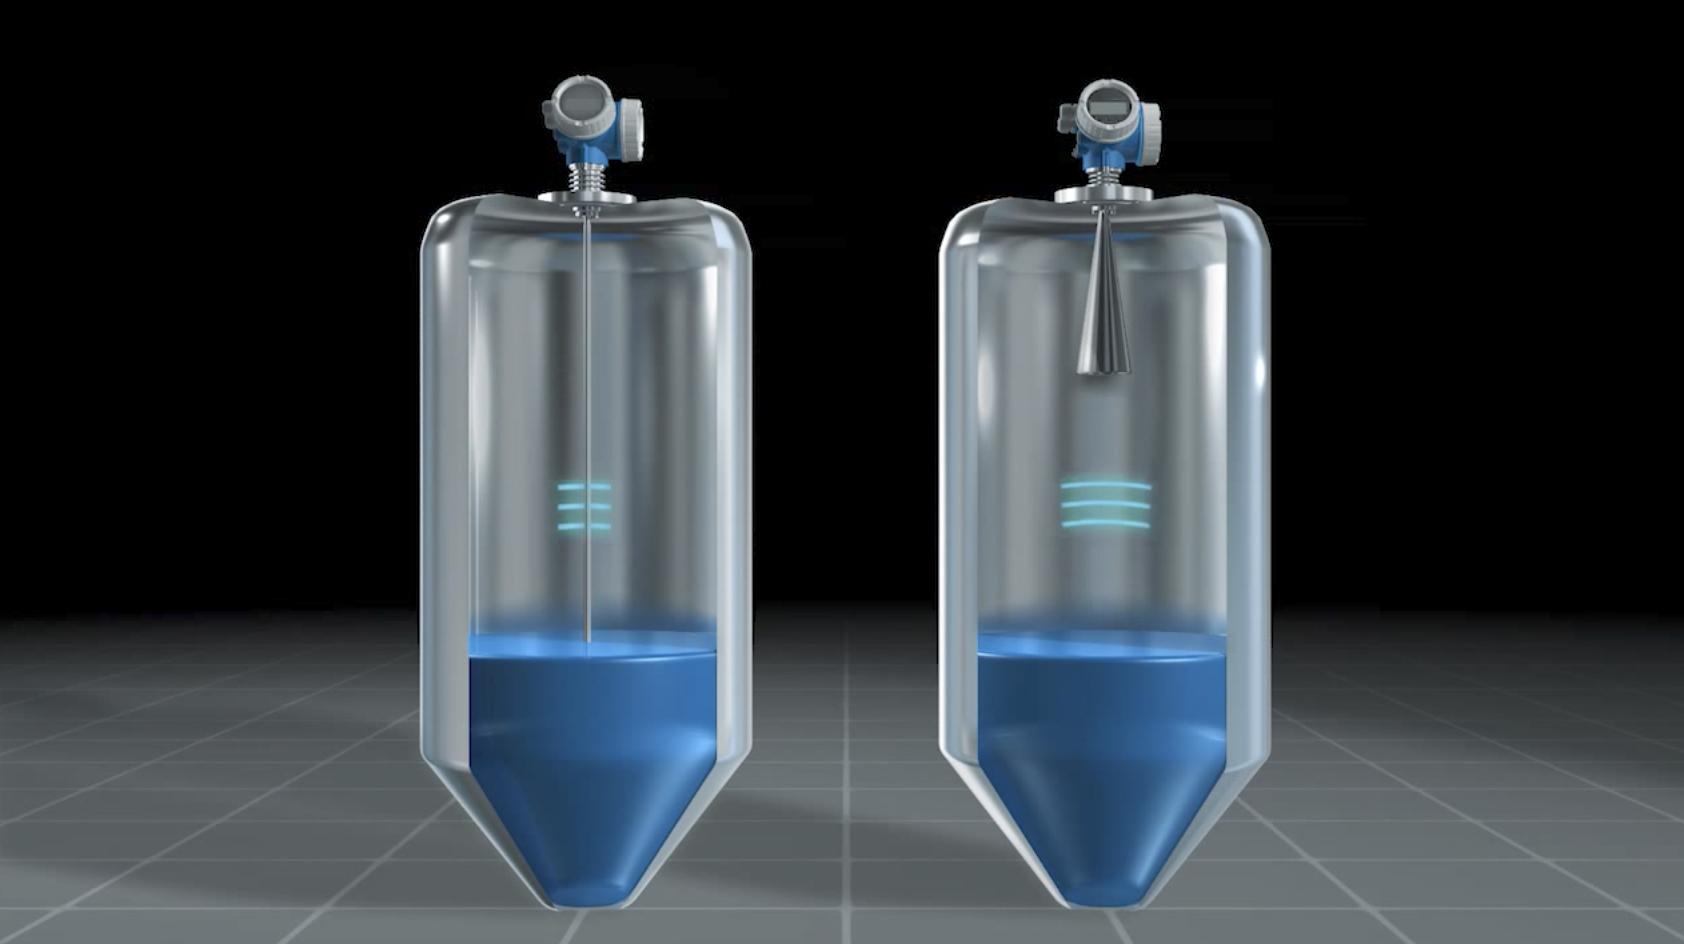 cảm biến đo mức liên tục chất lỏng bằng radar tiếp xúc